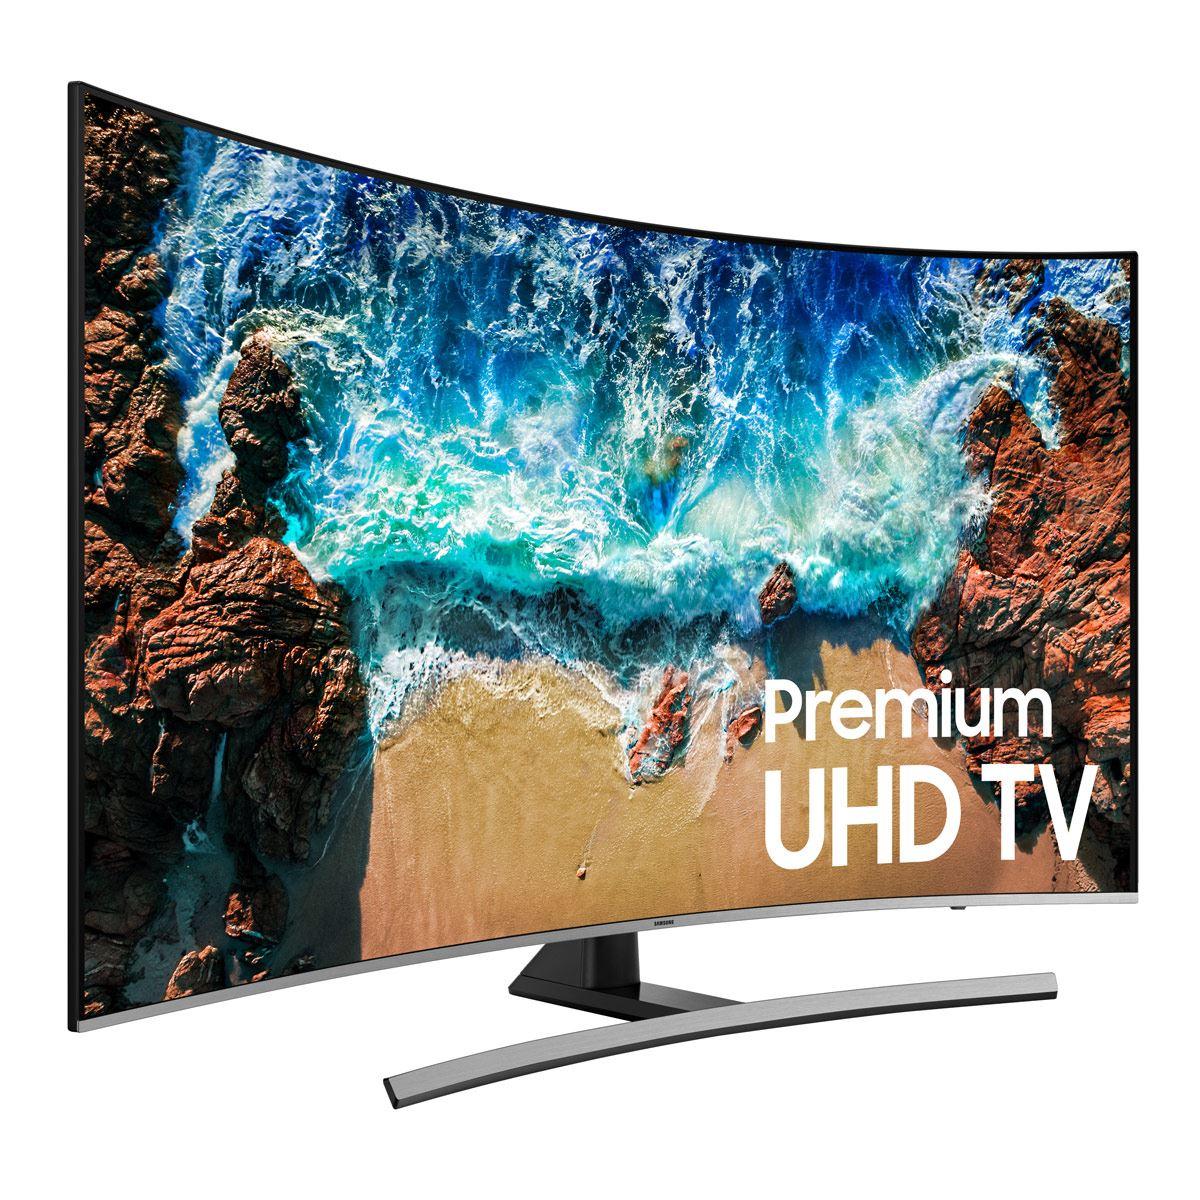 """samborns: Samsung 55"""" UN55NU8500FXZX Premium UHD"""